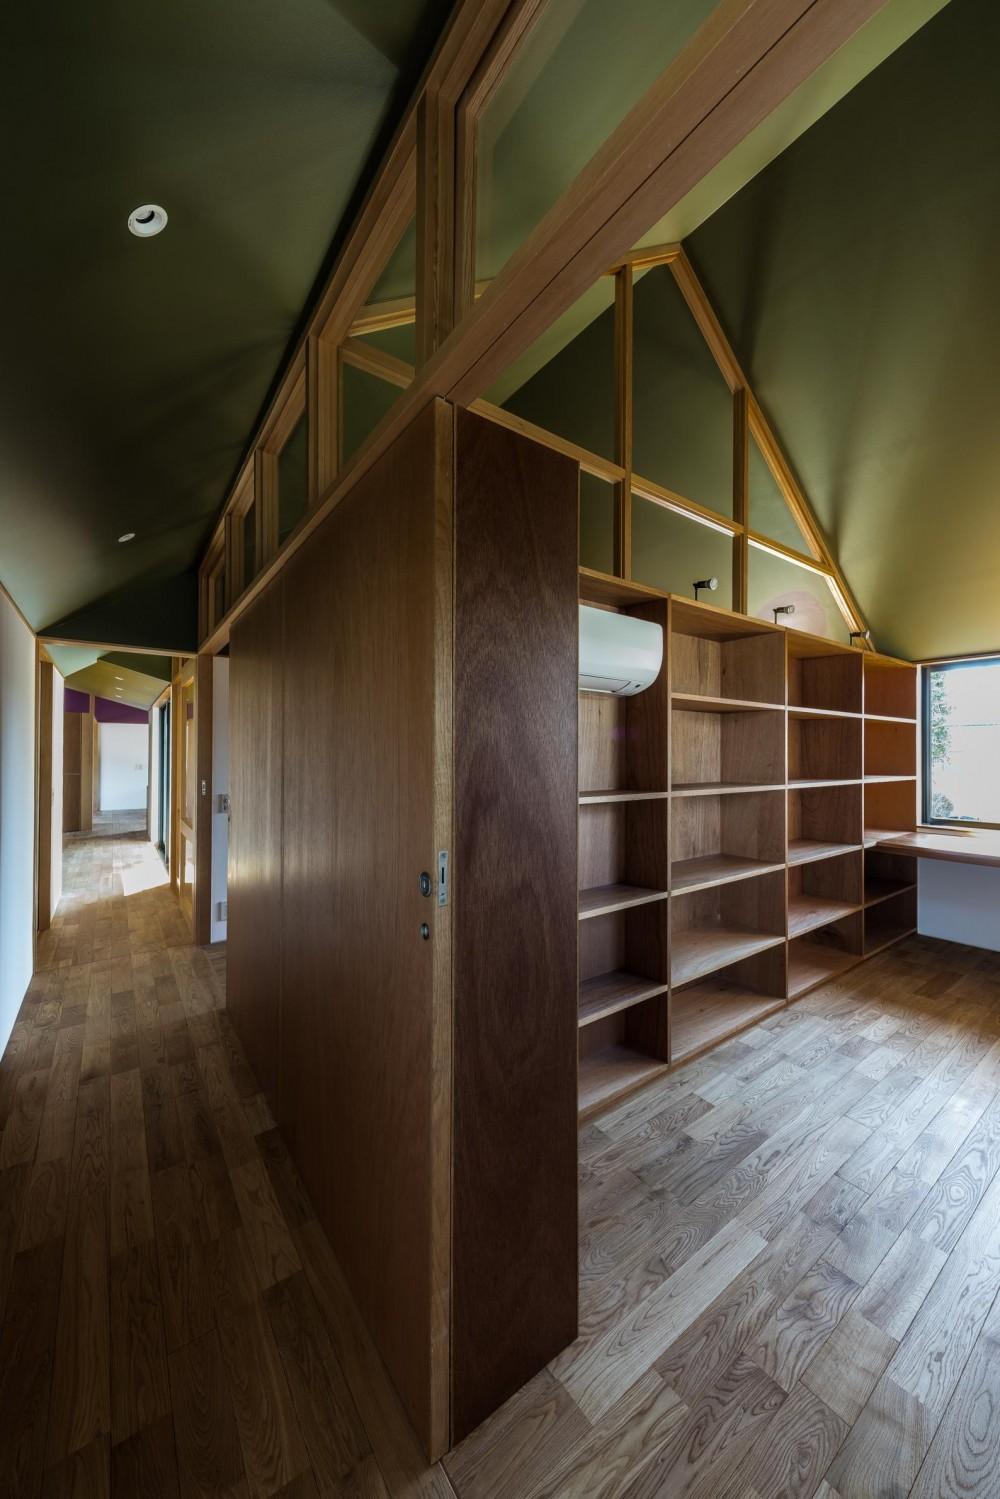 『ウィークリンク』6つの小屋が東西につながり、家族の多様な居場所をつくる家 (書斎)